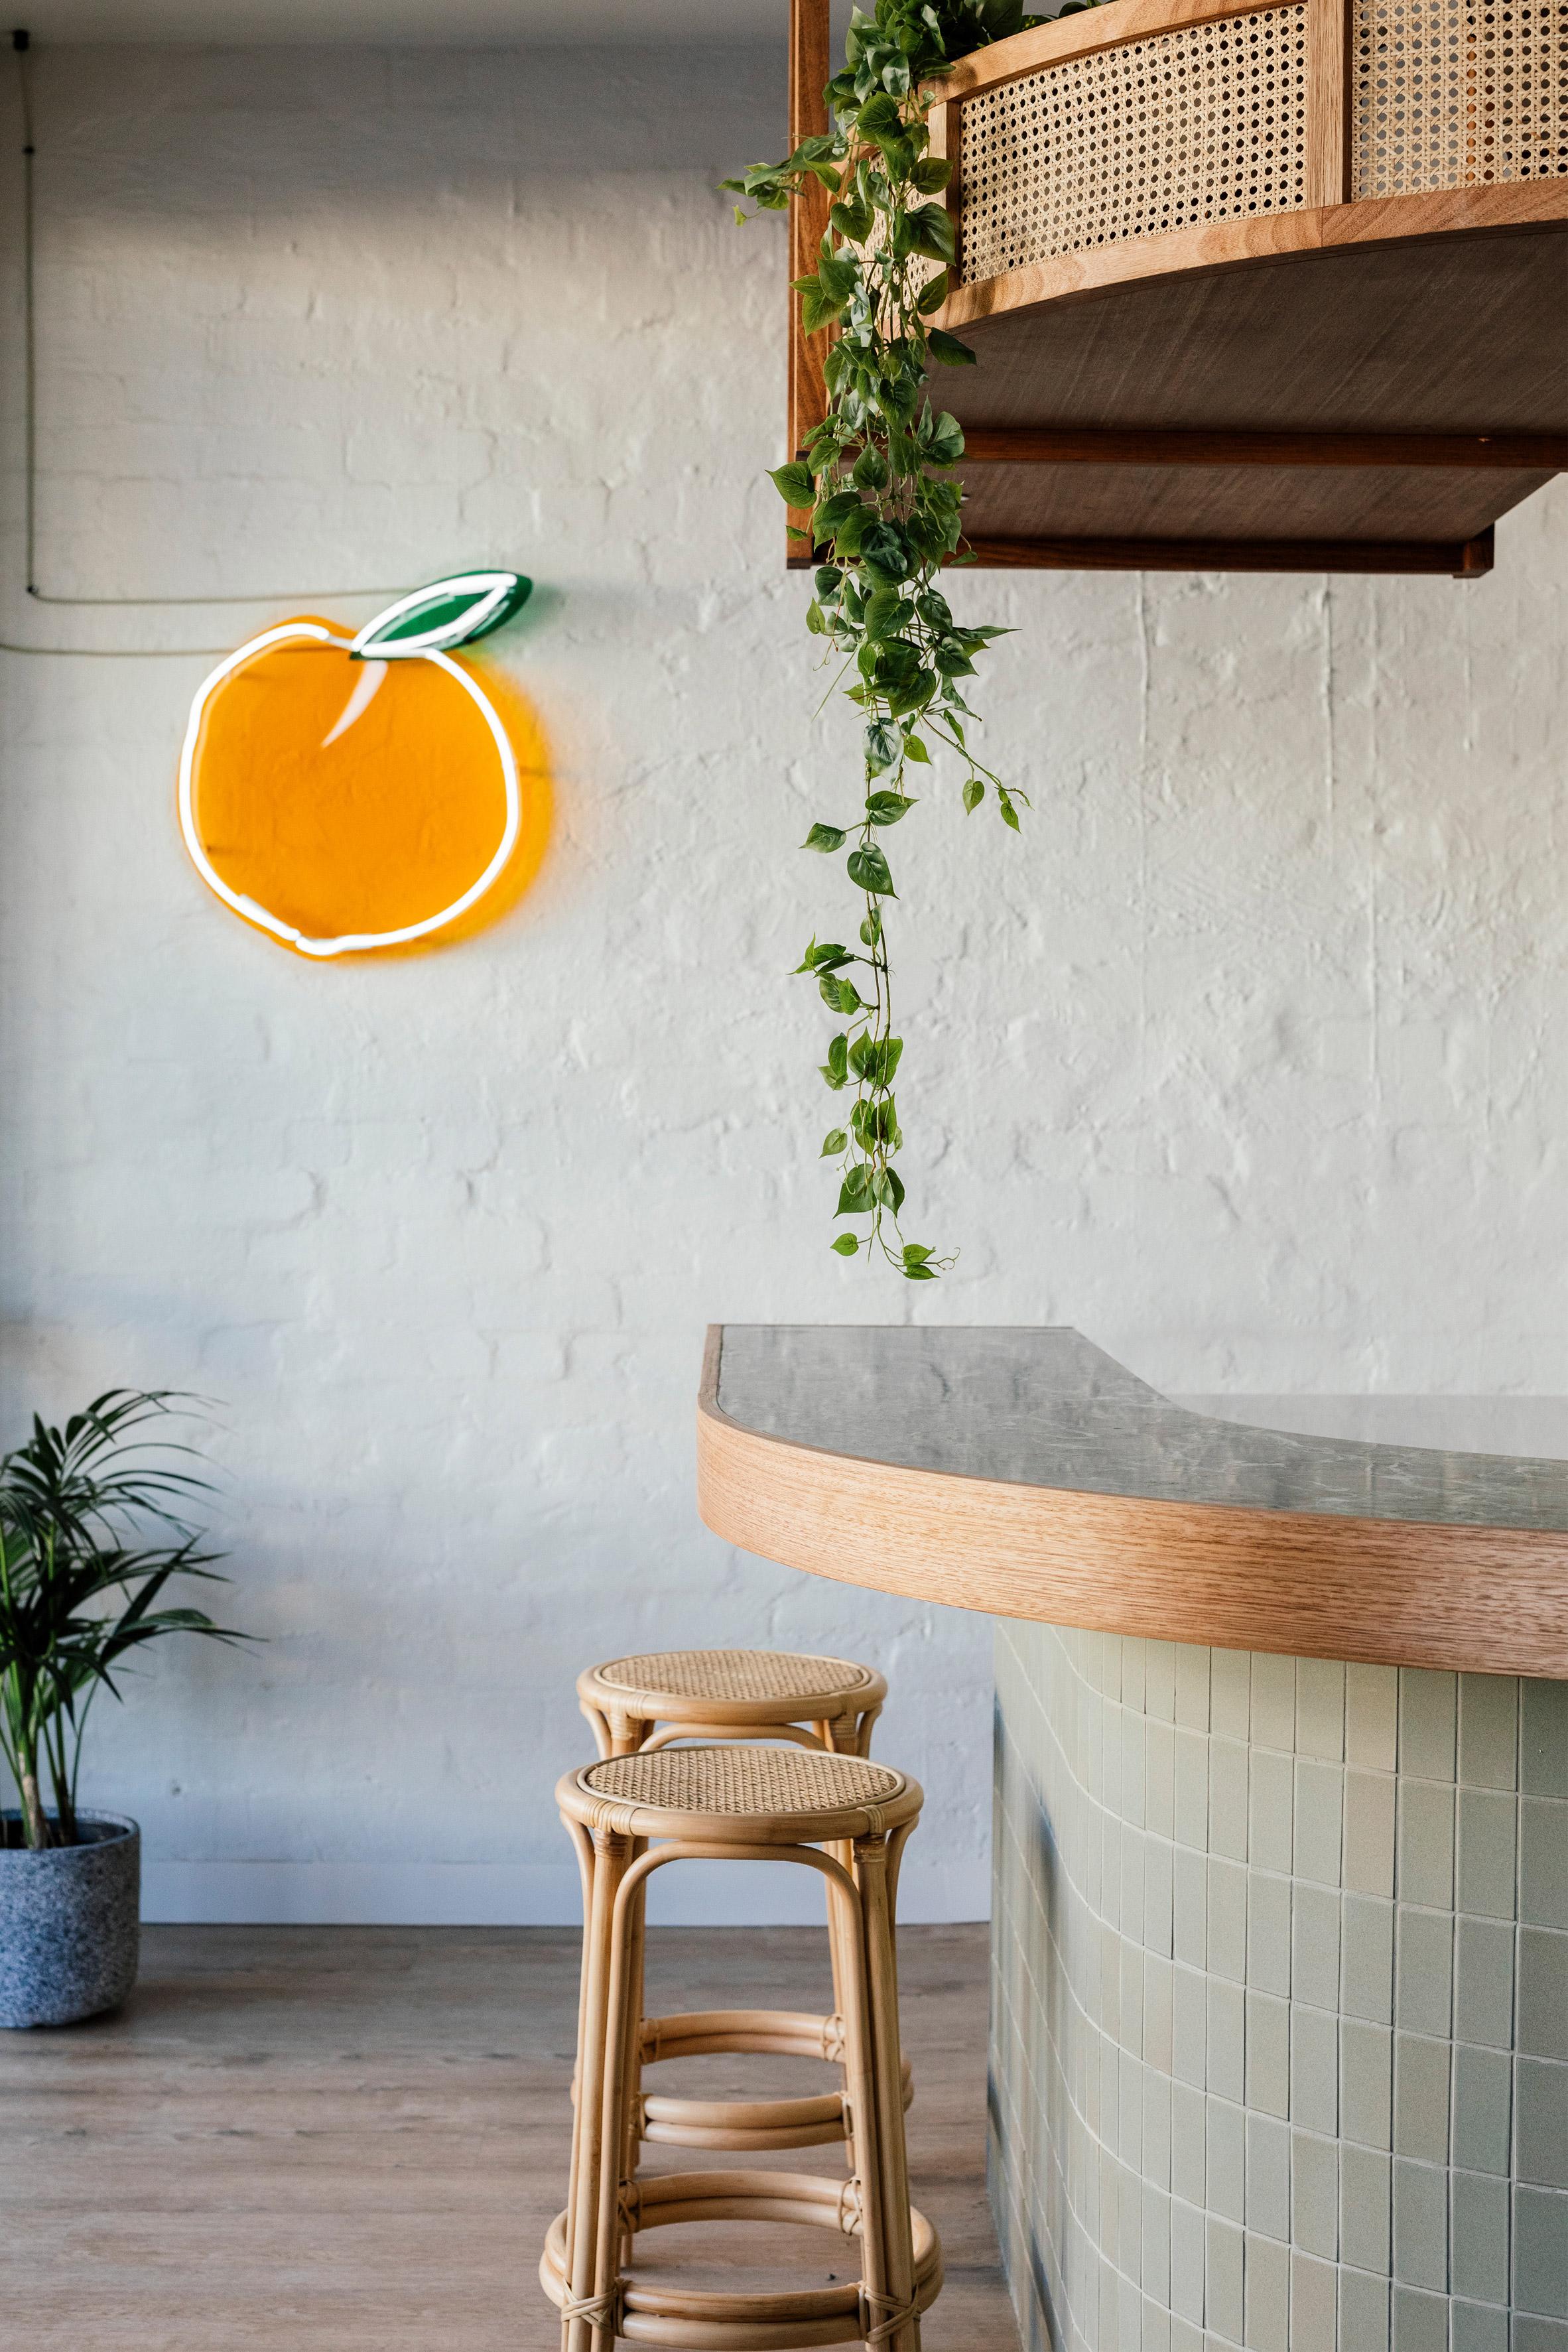 Sisterhood restaurant in Tasmania, designed by Biasol